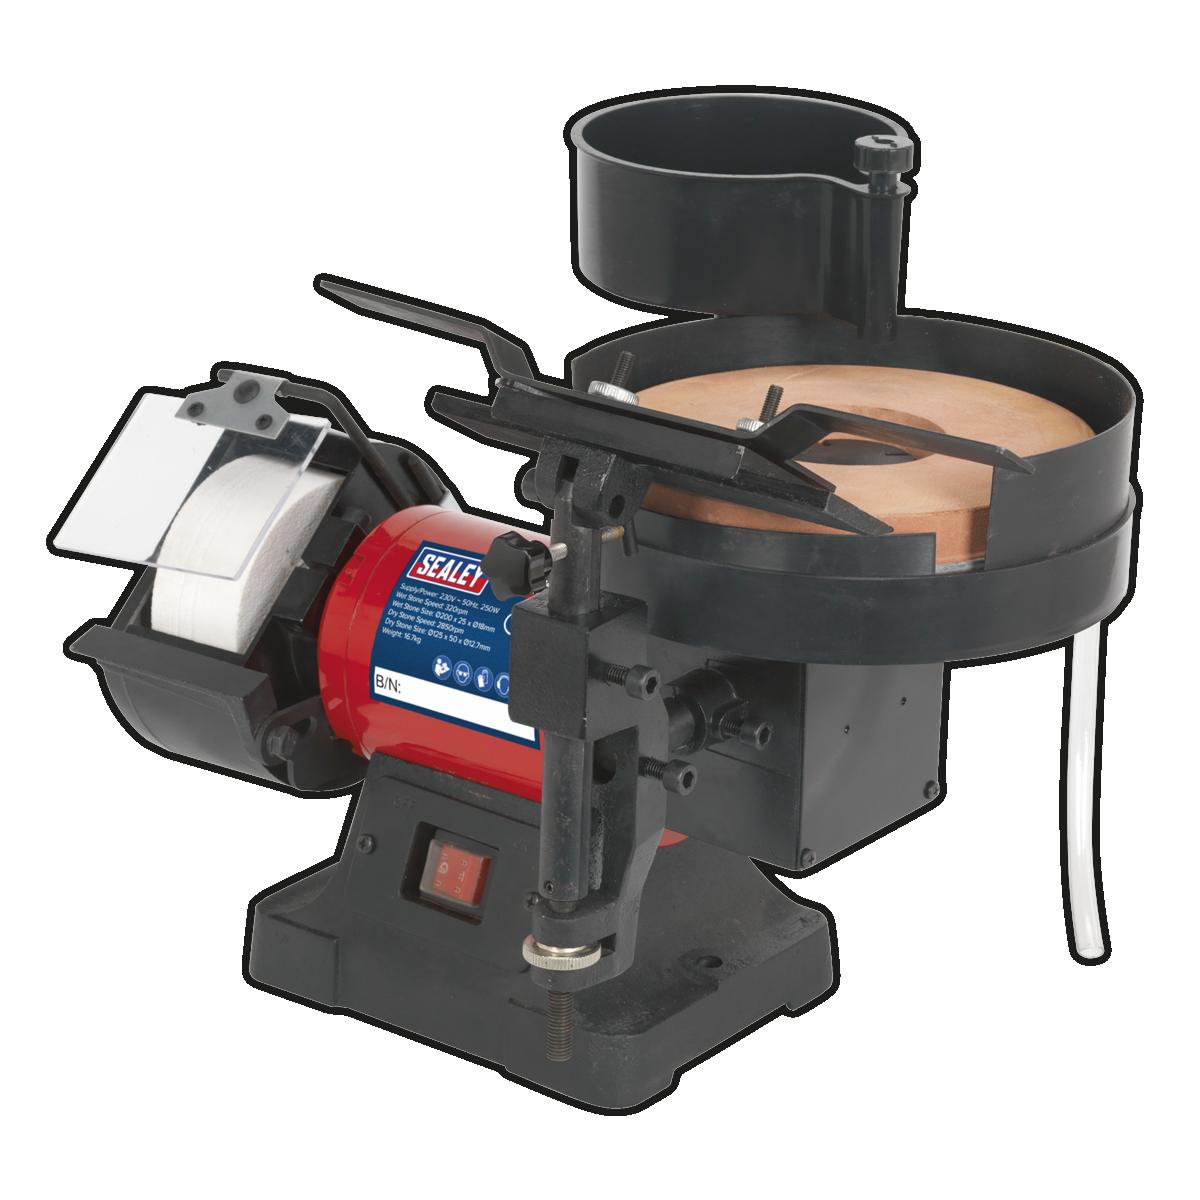 Sealey Sms2107 Bench Grinder Sharpener Wet Amp Dry 216 200